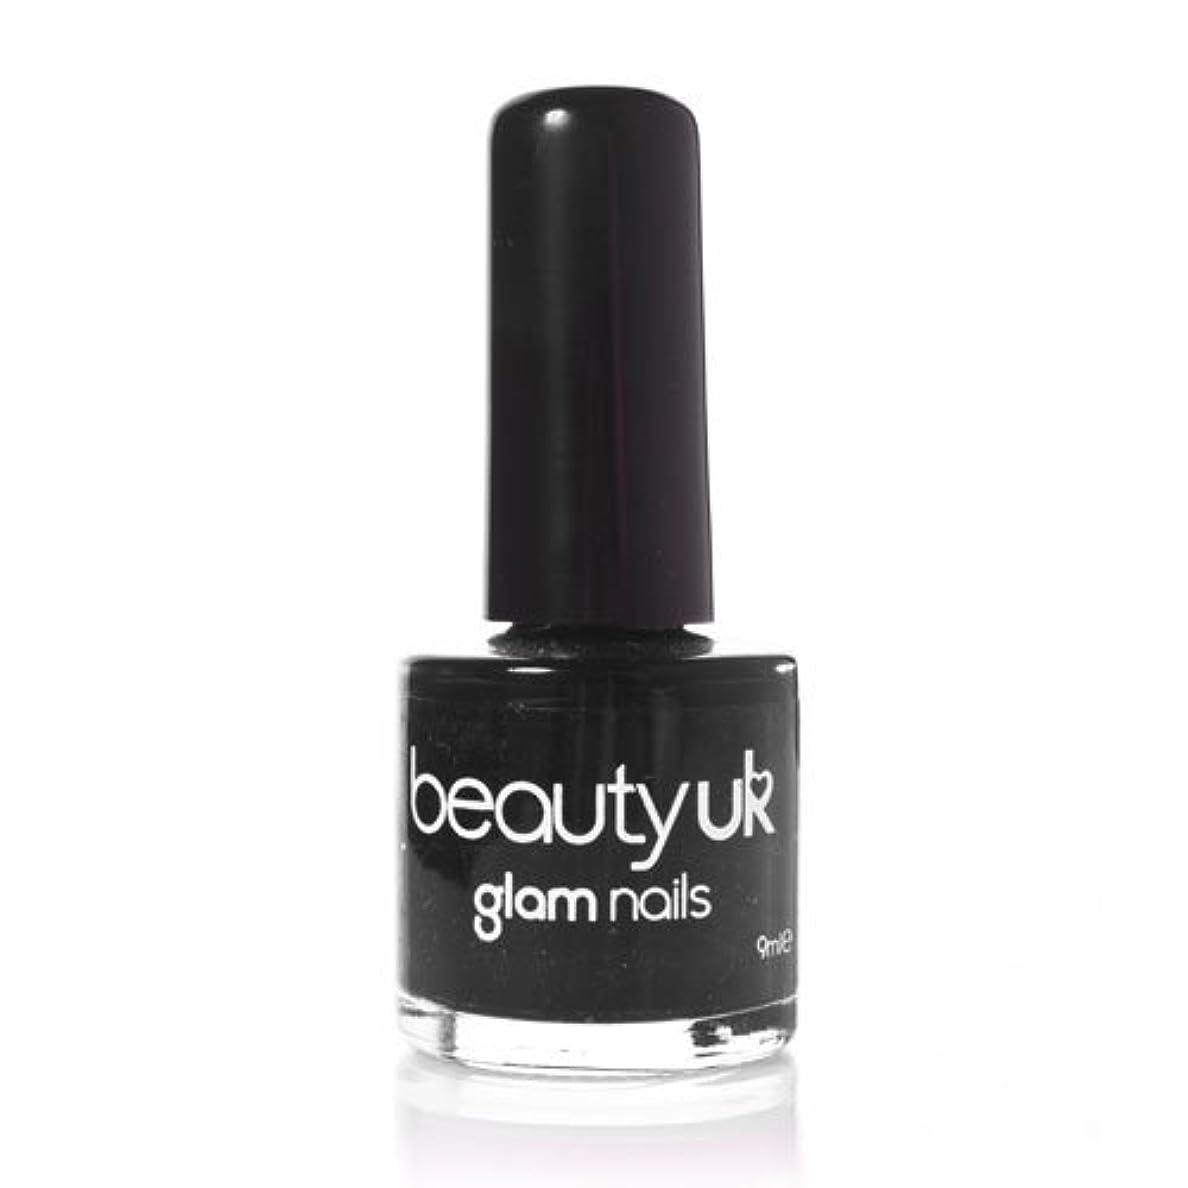 クラス裁判所巨大Beauty Uk Glam Nails No6 Black 9ml [並行輸入品]